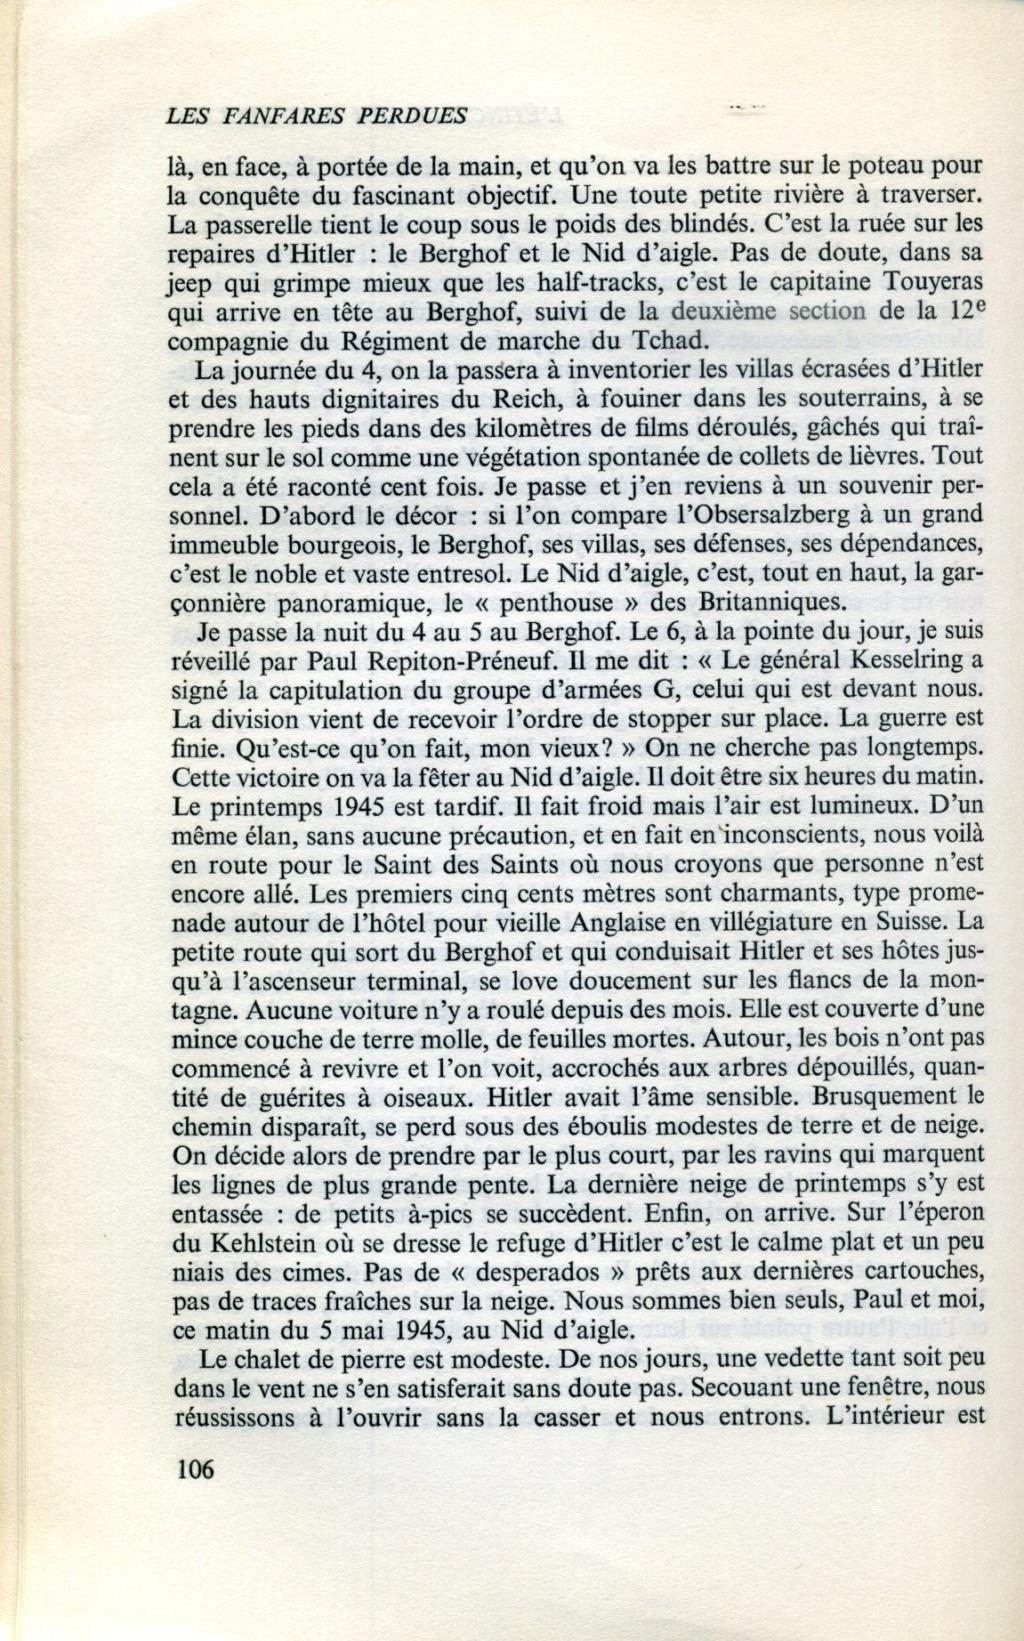 Georges Buis les fanfares perdues Les_fa40